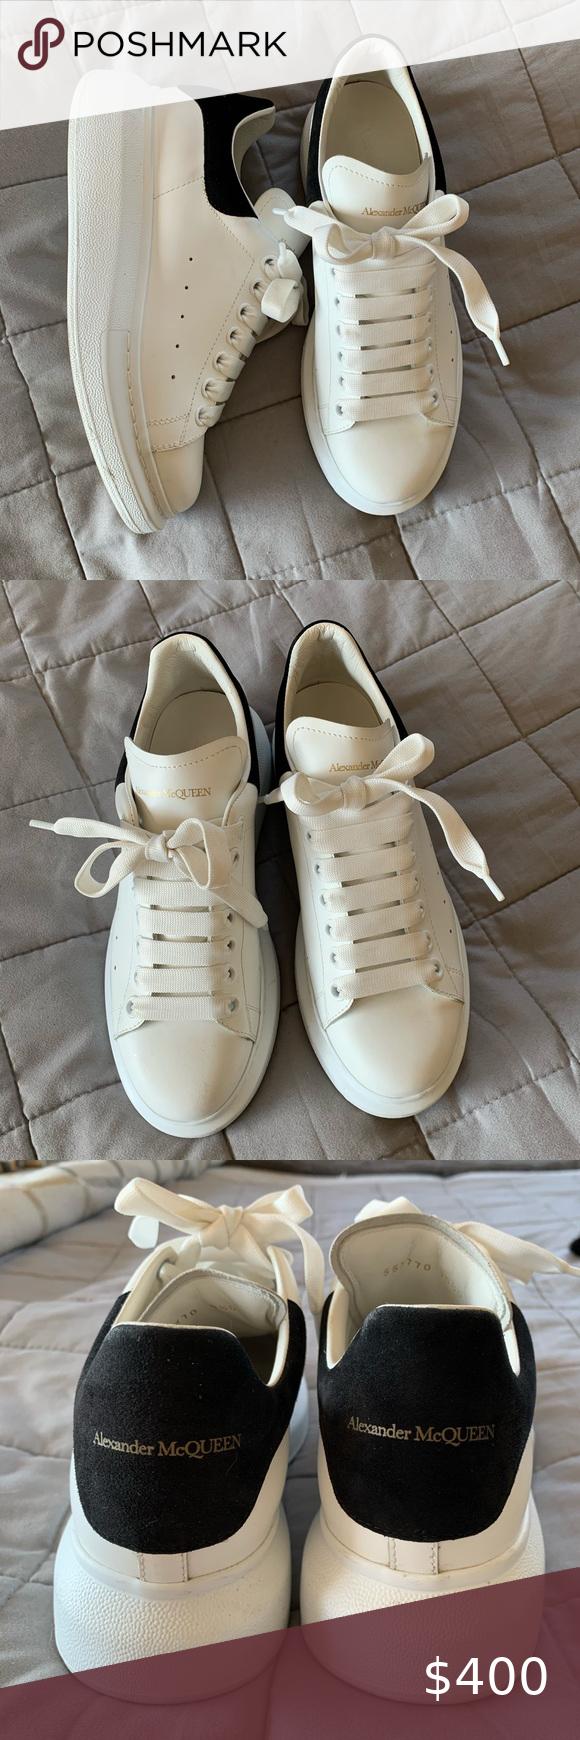 Alexander McQueen oversize sneakers 38